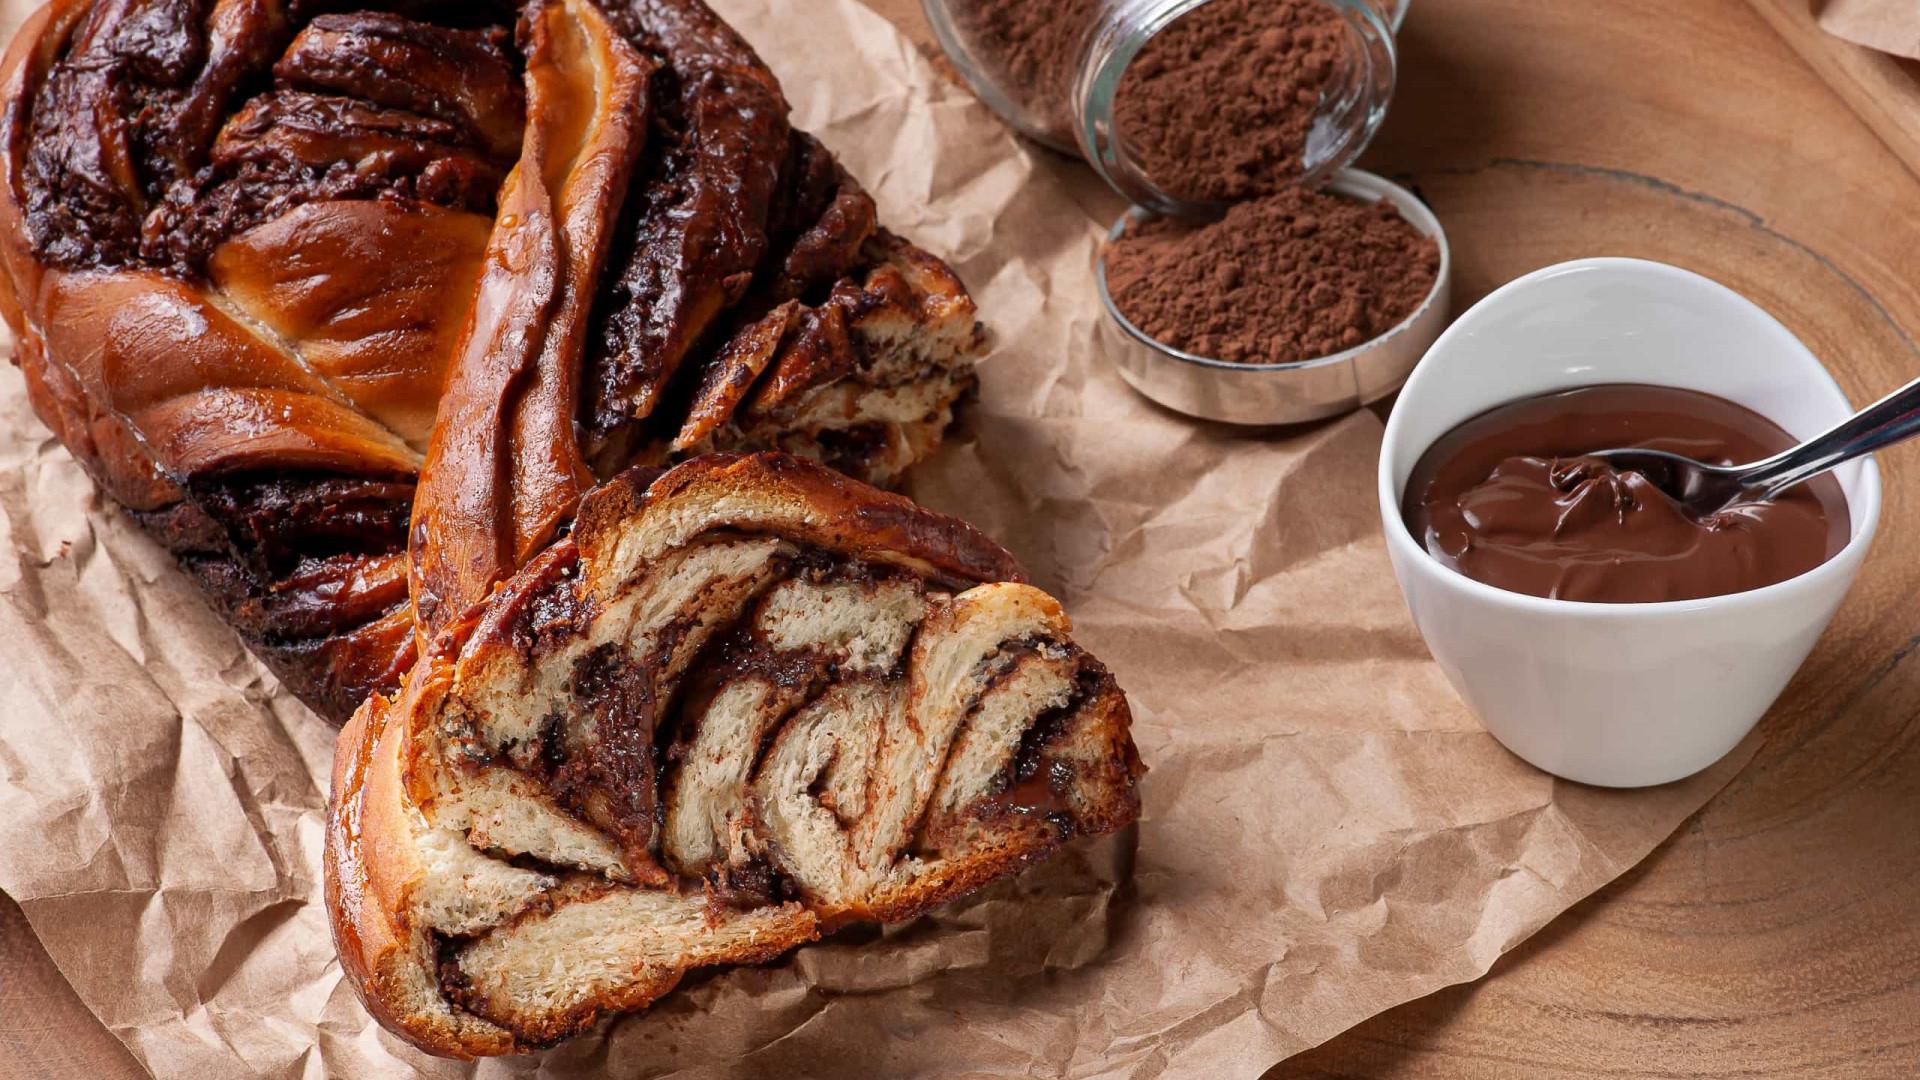 Lanches divinais: Trança de chocolate e açúcar mascavado